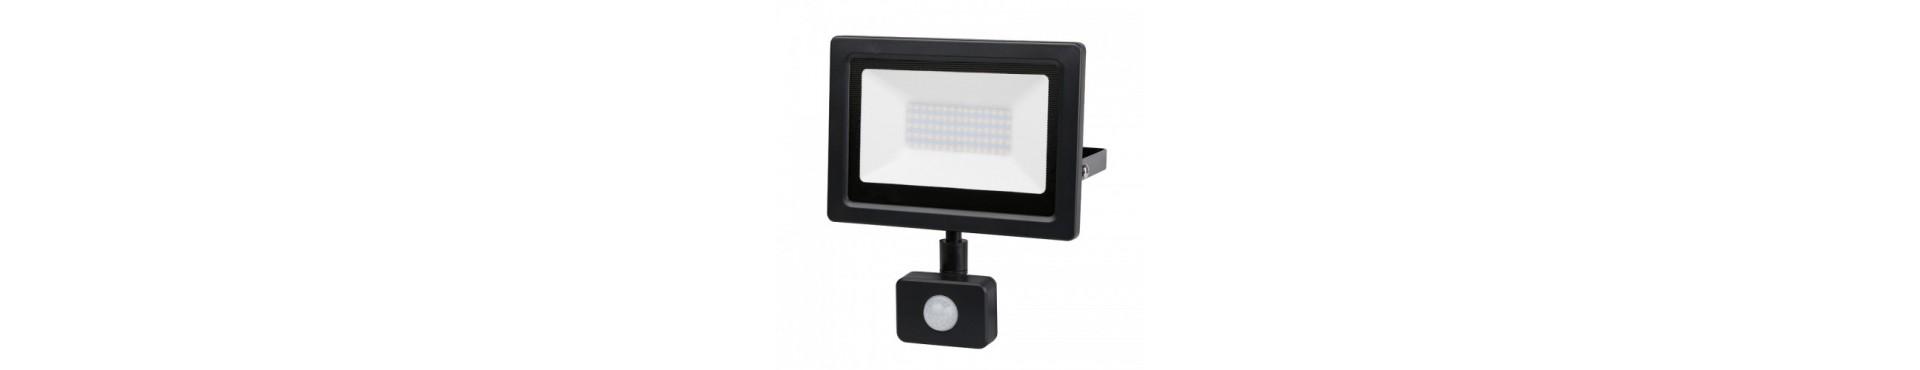 LED projektør med sensor - Projektører til både privat og erhverv